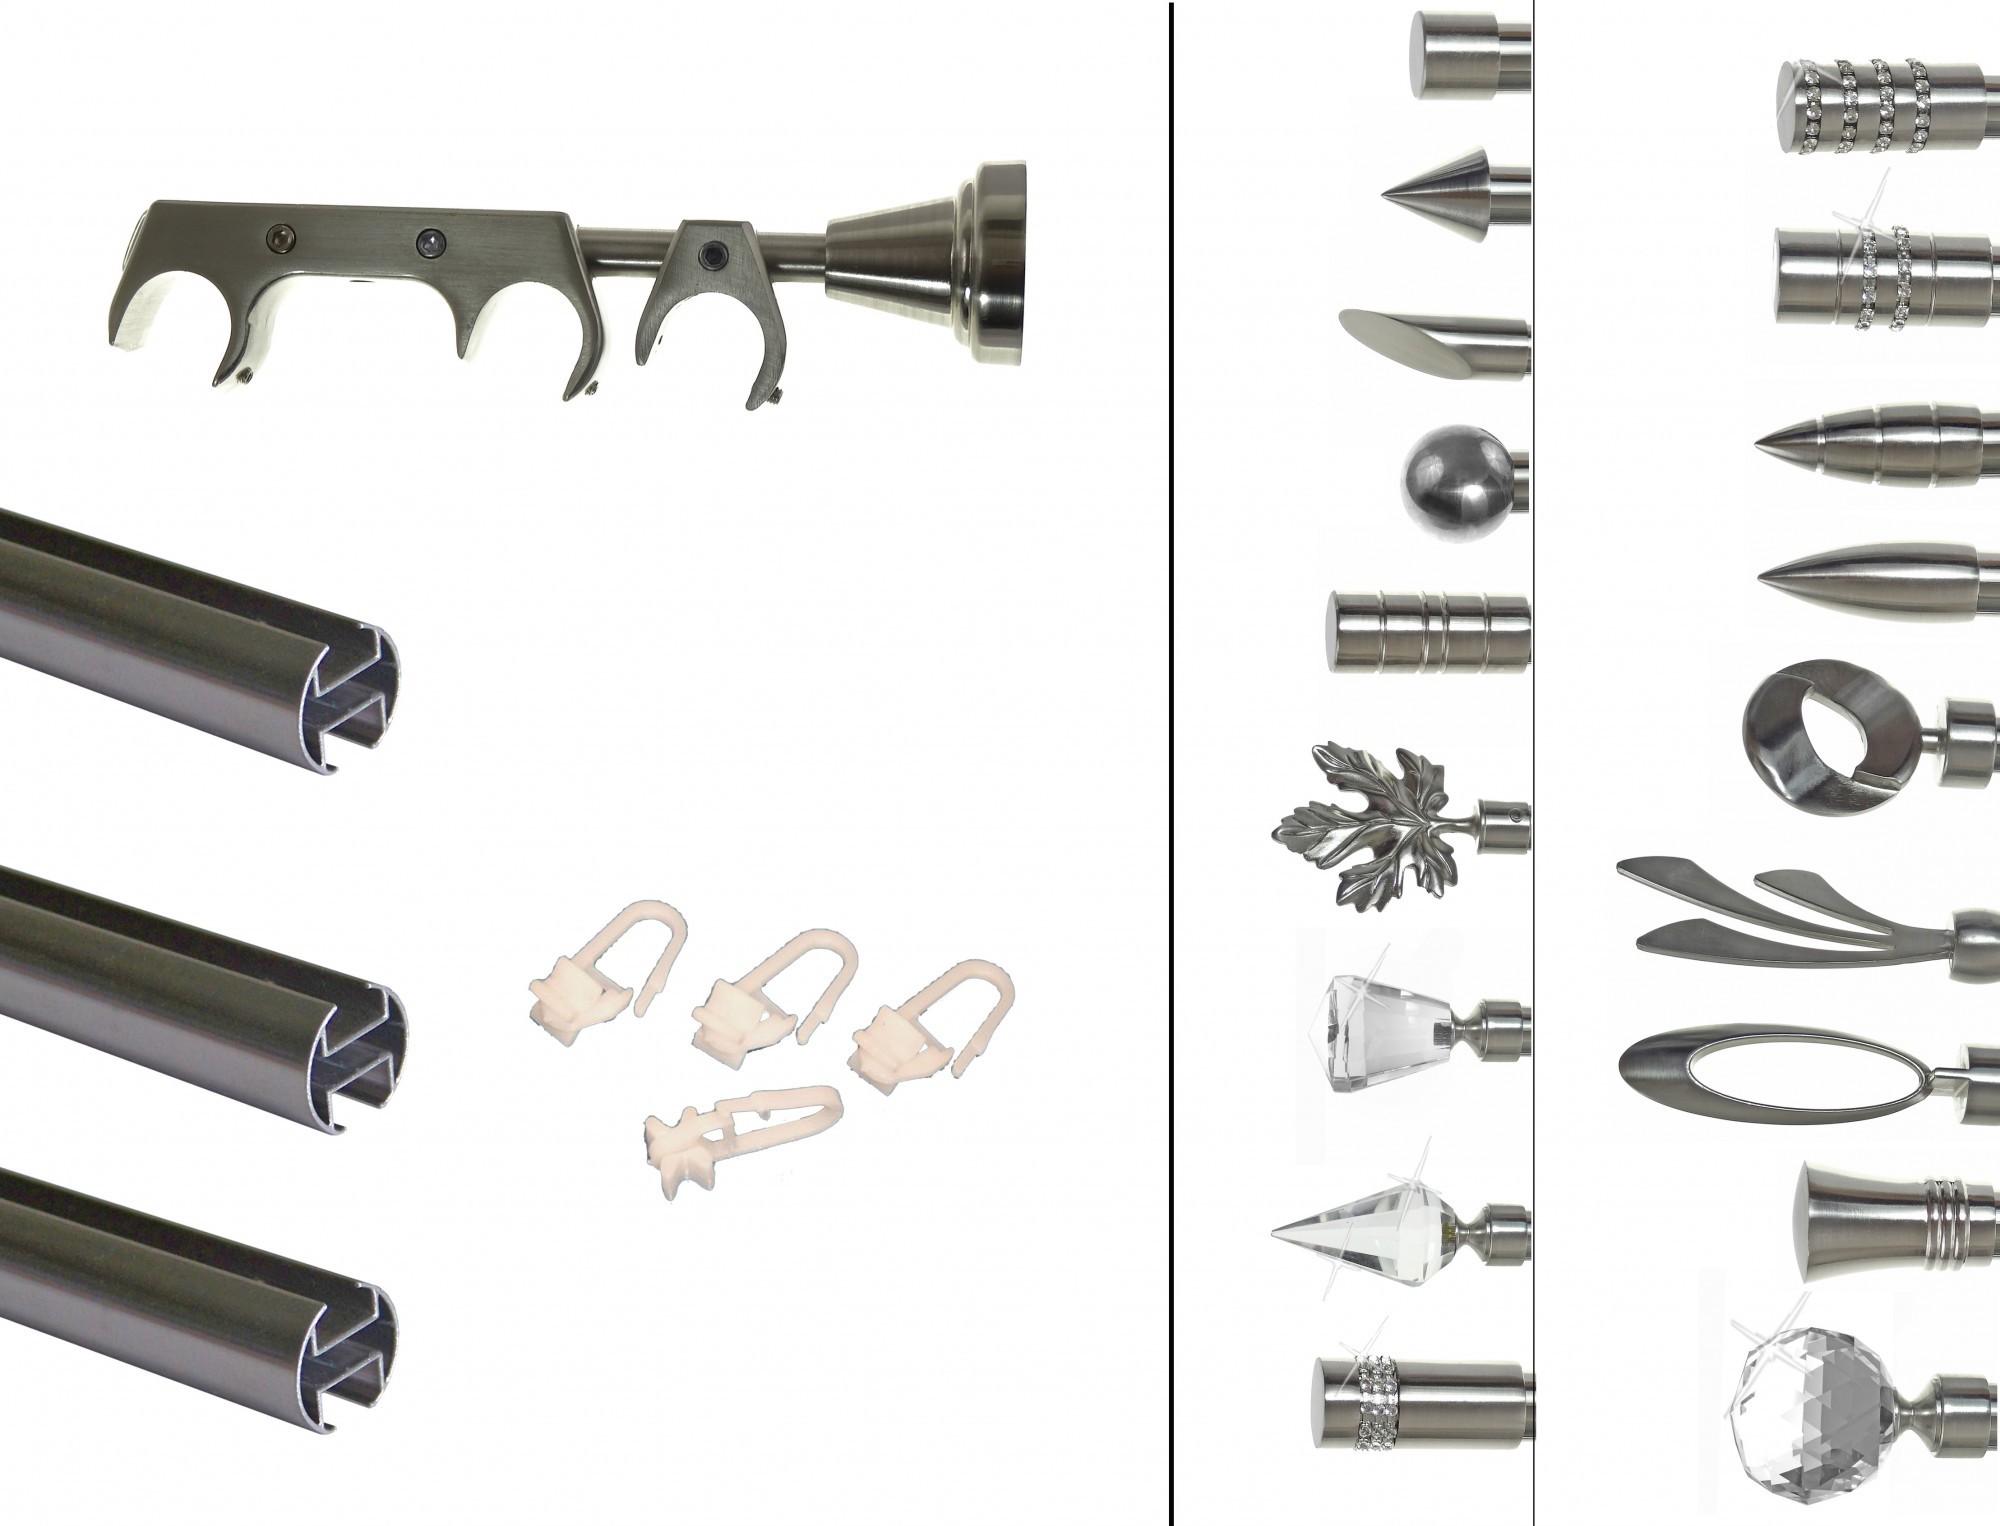 Innenlauf Edelstahl Look Gardinenstange Dm 20mm 3 Läufig H60ii 1xb20i Basit